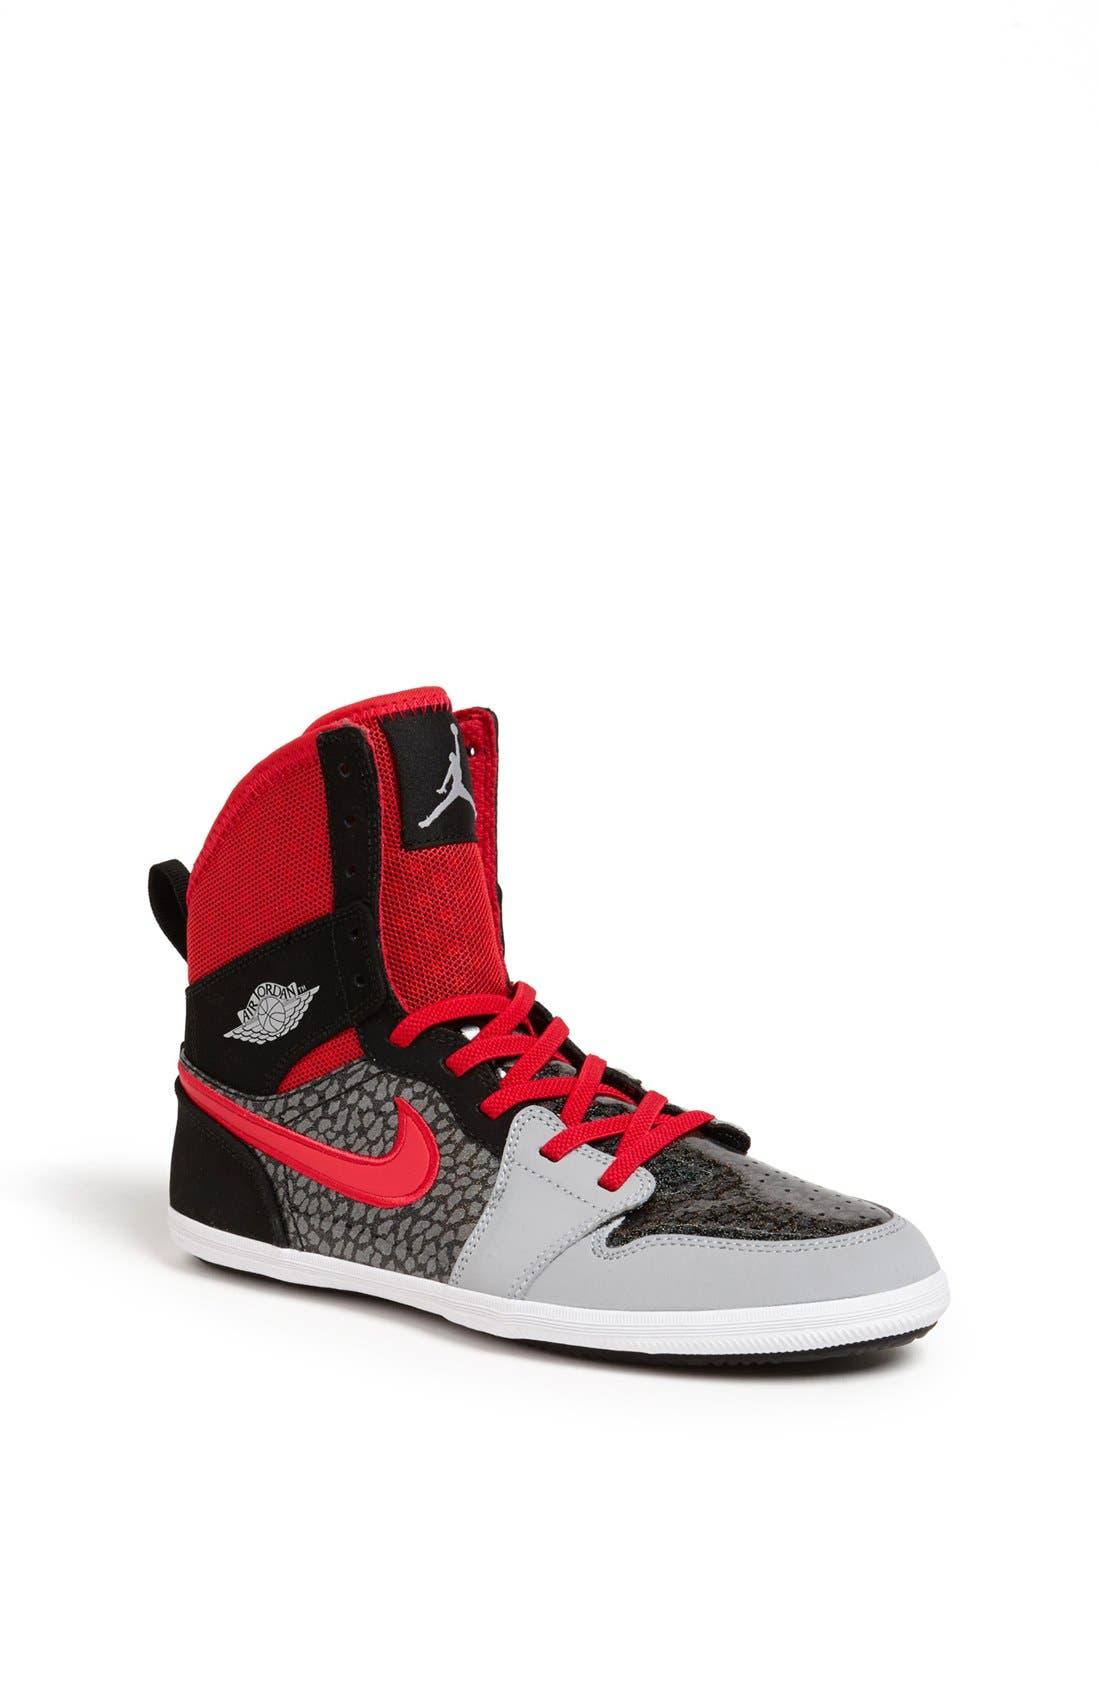 Main Image - Nike 'Jordan 1 Skinny High' Sneaker (Big Kid)